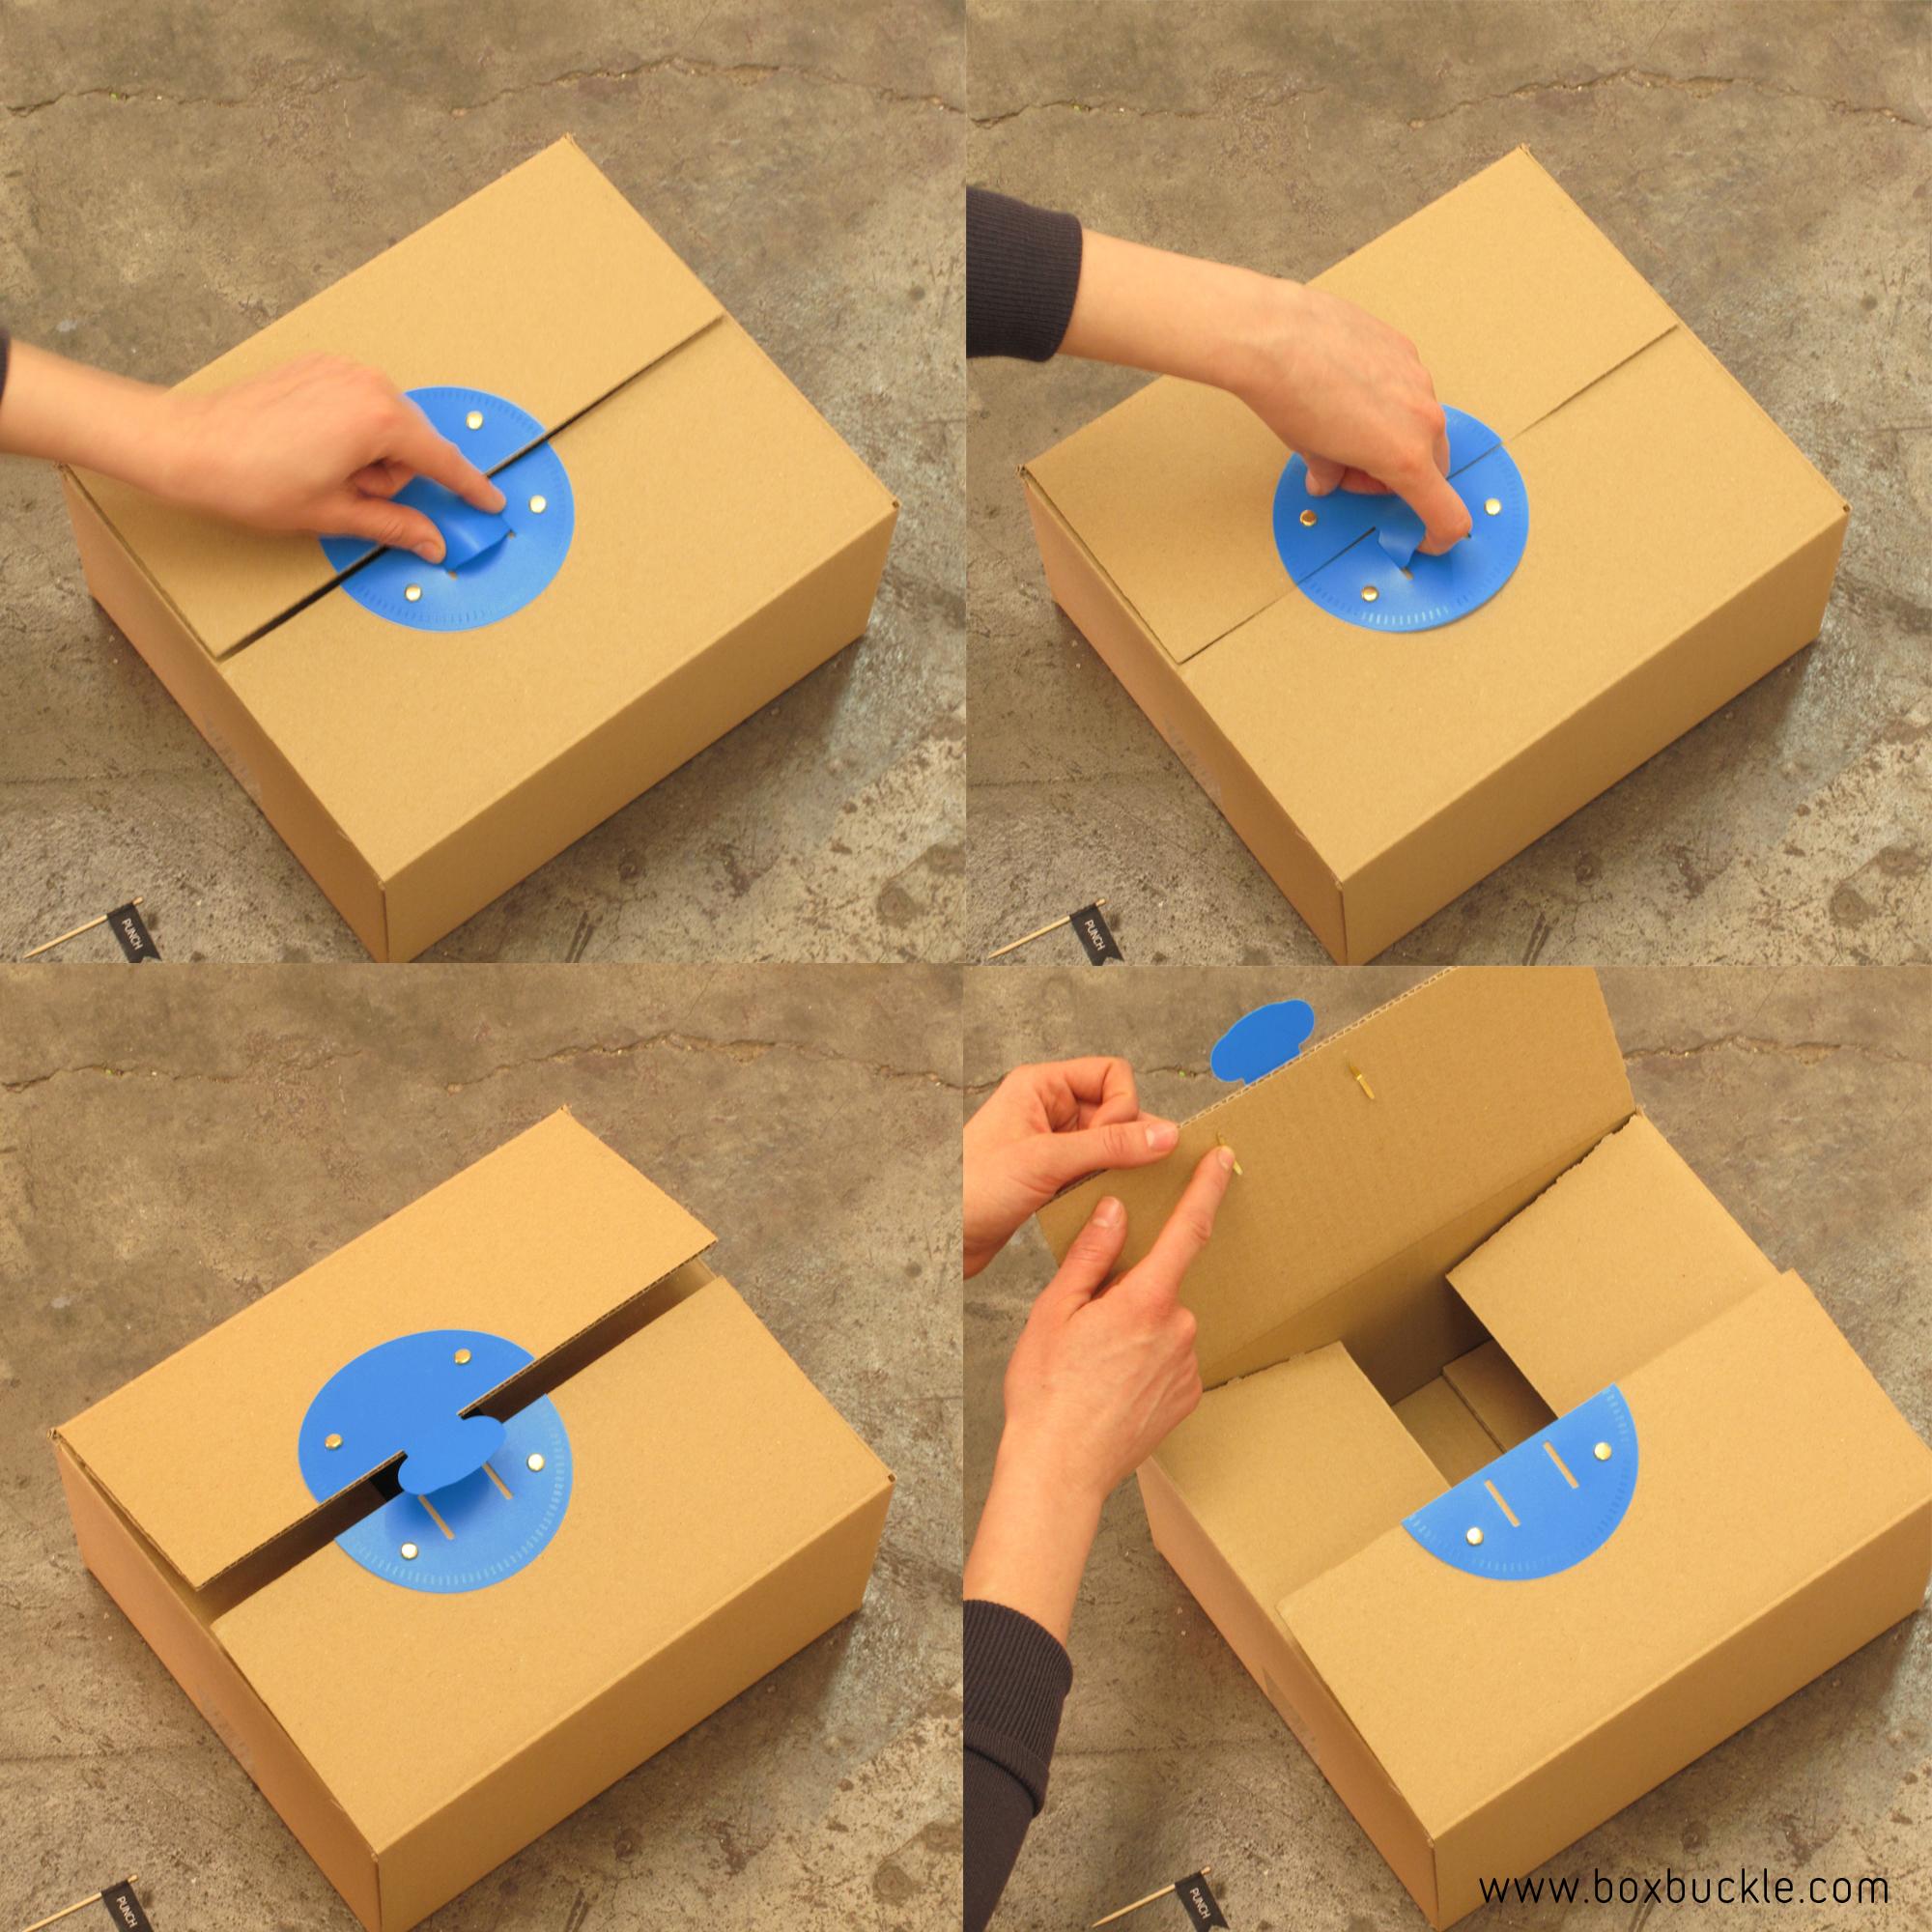 Així funciona la tanca de Boxbuckle. La pots obrir i tancar amb una sola mà!